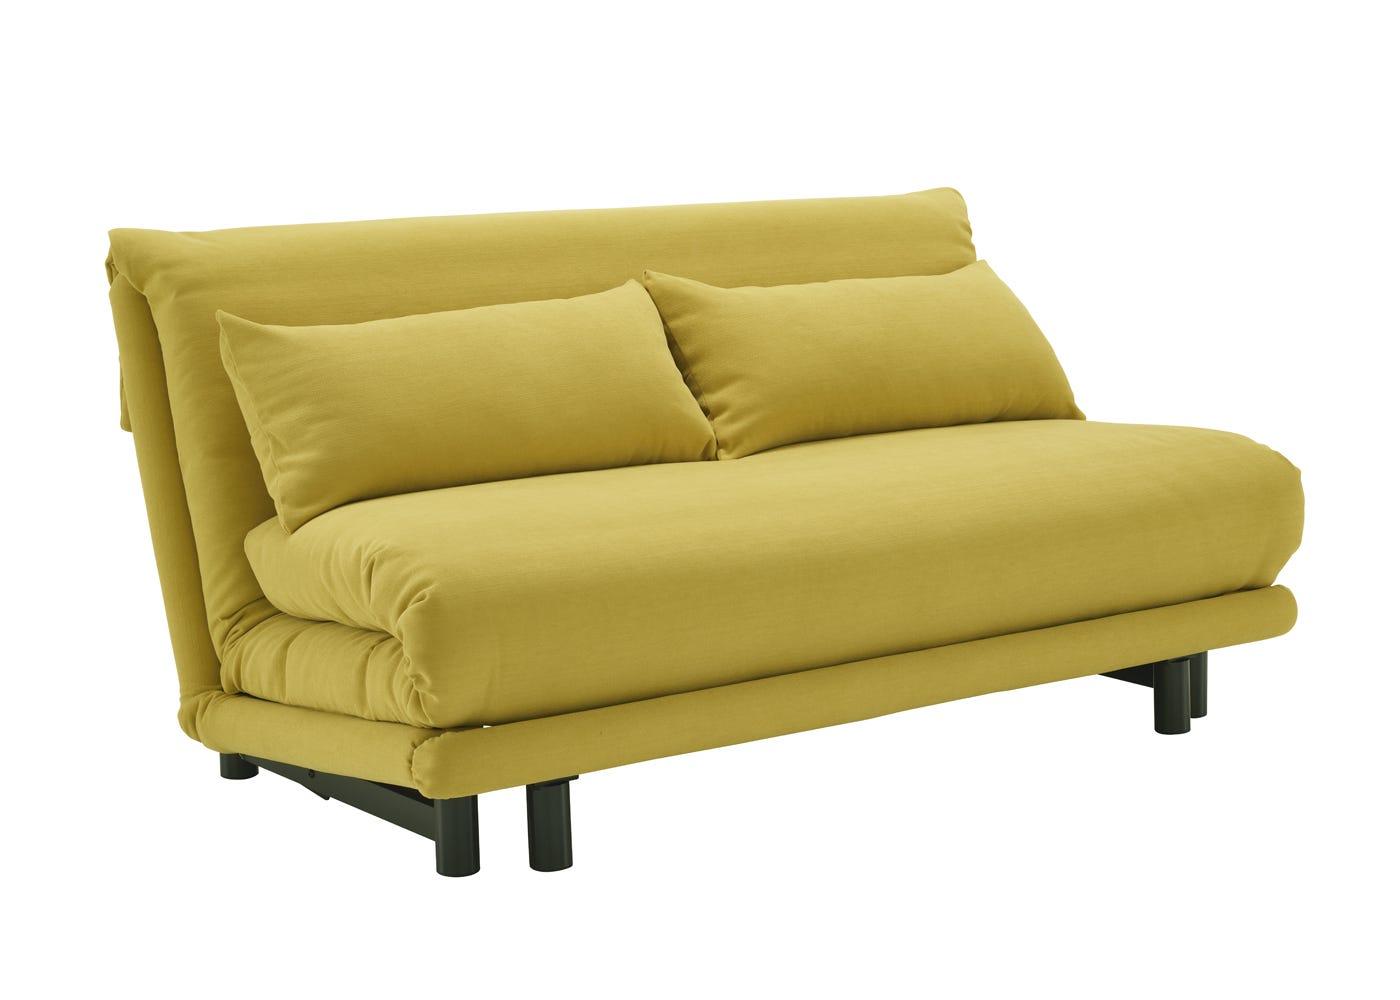 Ligne Roset Multy Premier Sofa Bed Heal S Uk